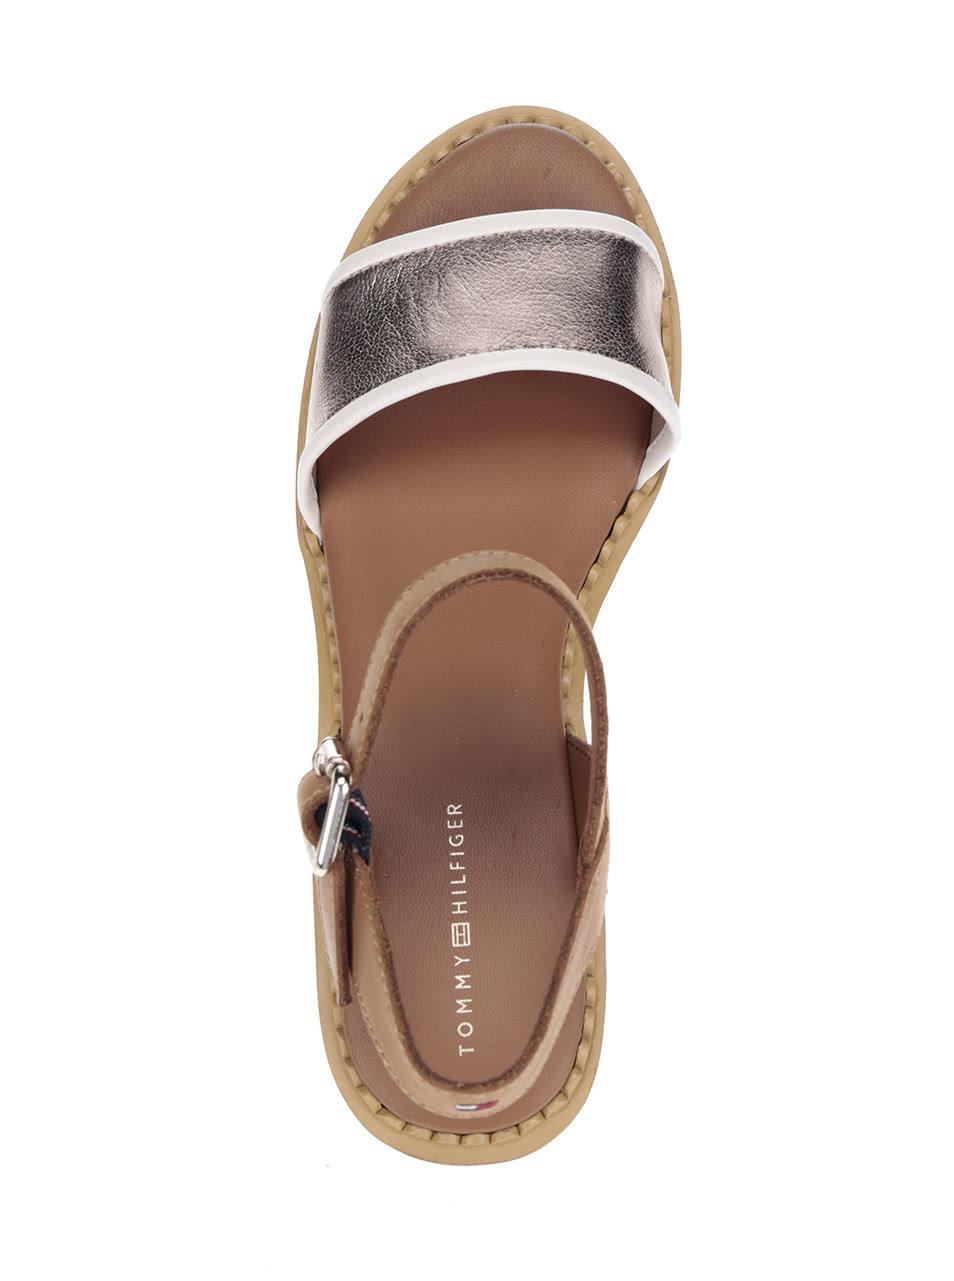 Krémovo-hnědé dámské kožené sandály na platformě Tommy Hilfiger ... 2e69bca1458